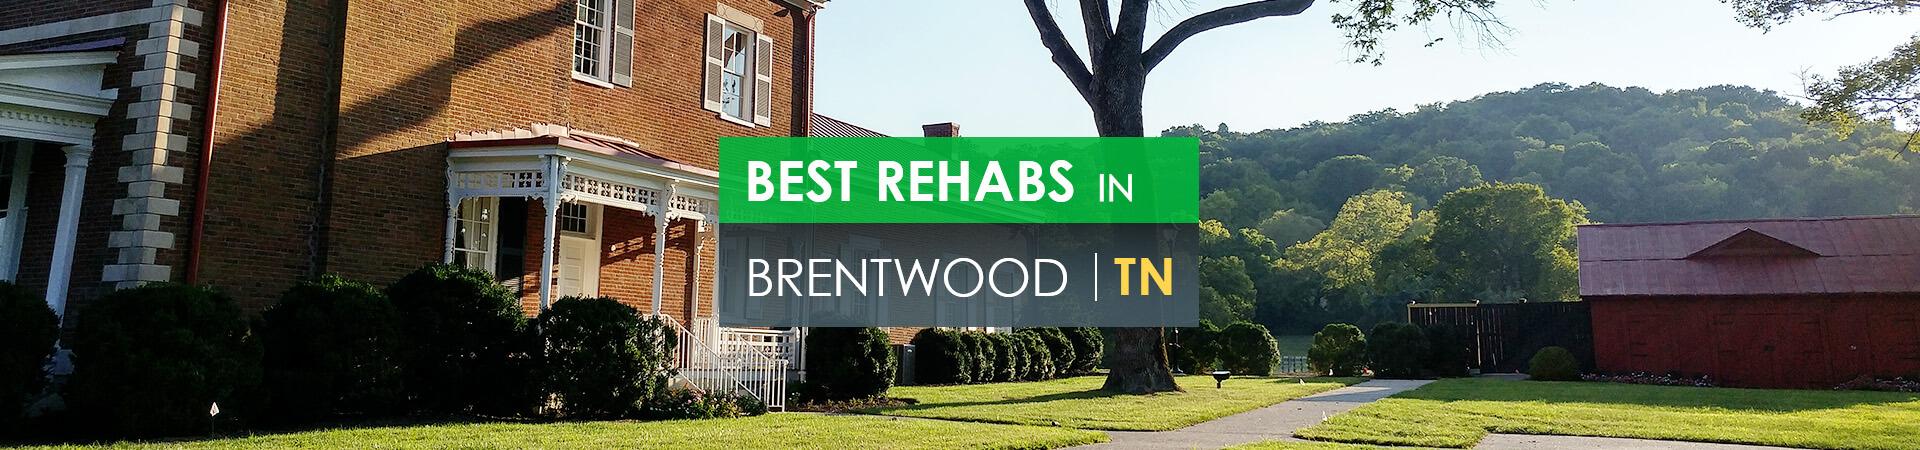 Best rehabs in Brentwood, TN